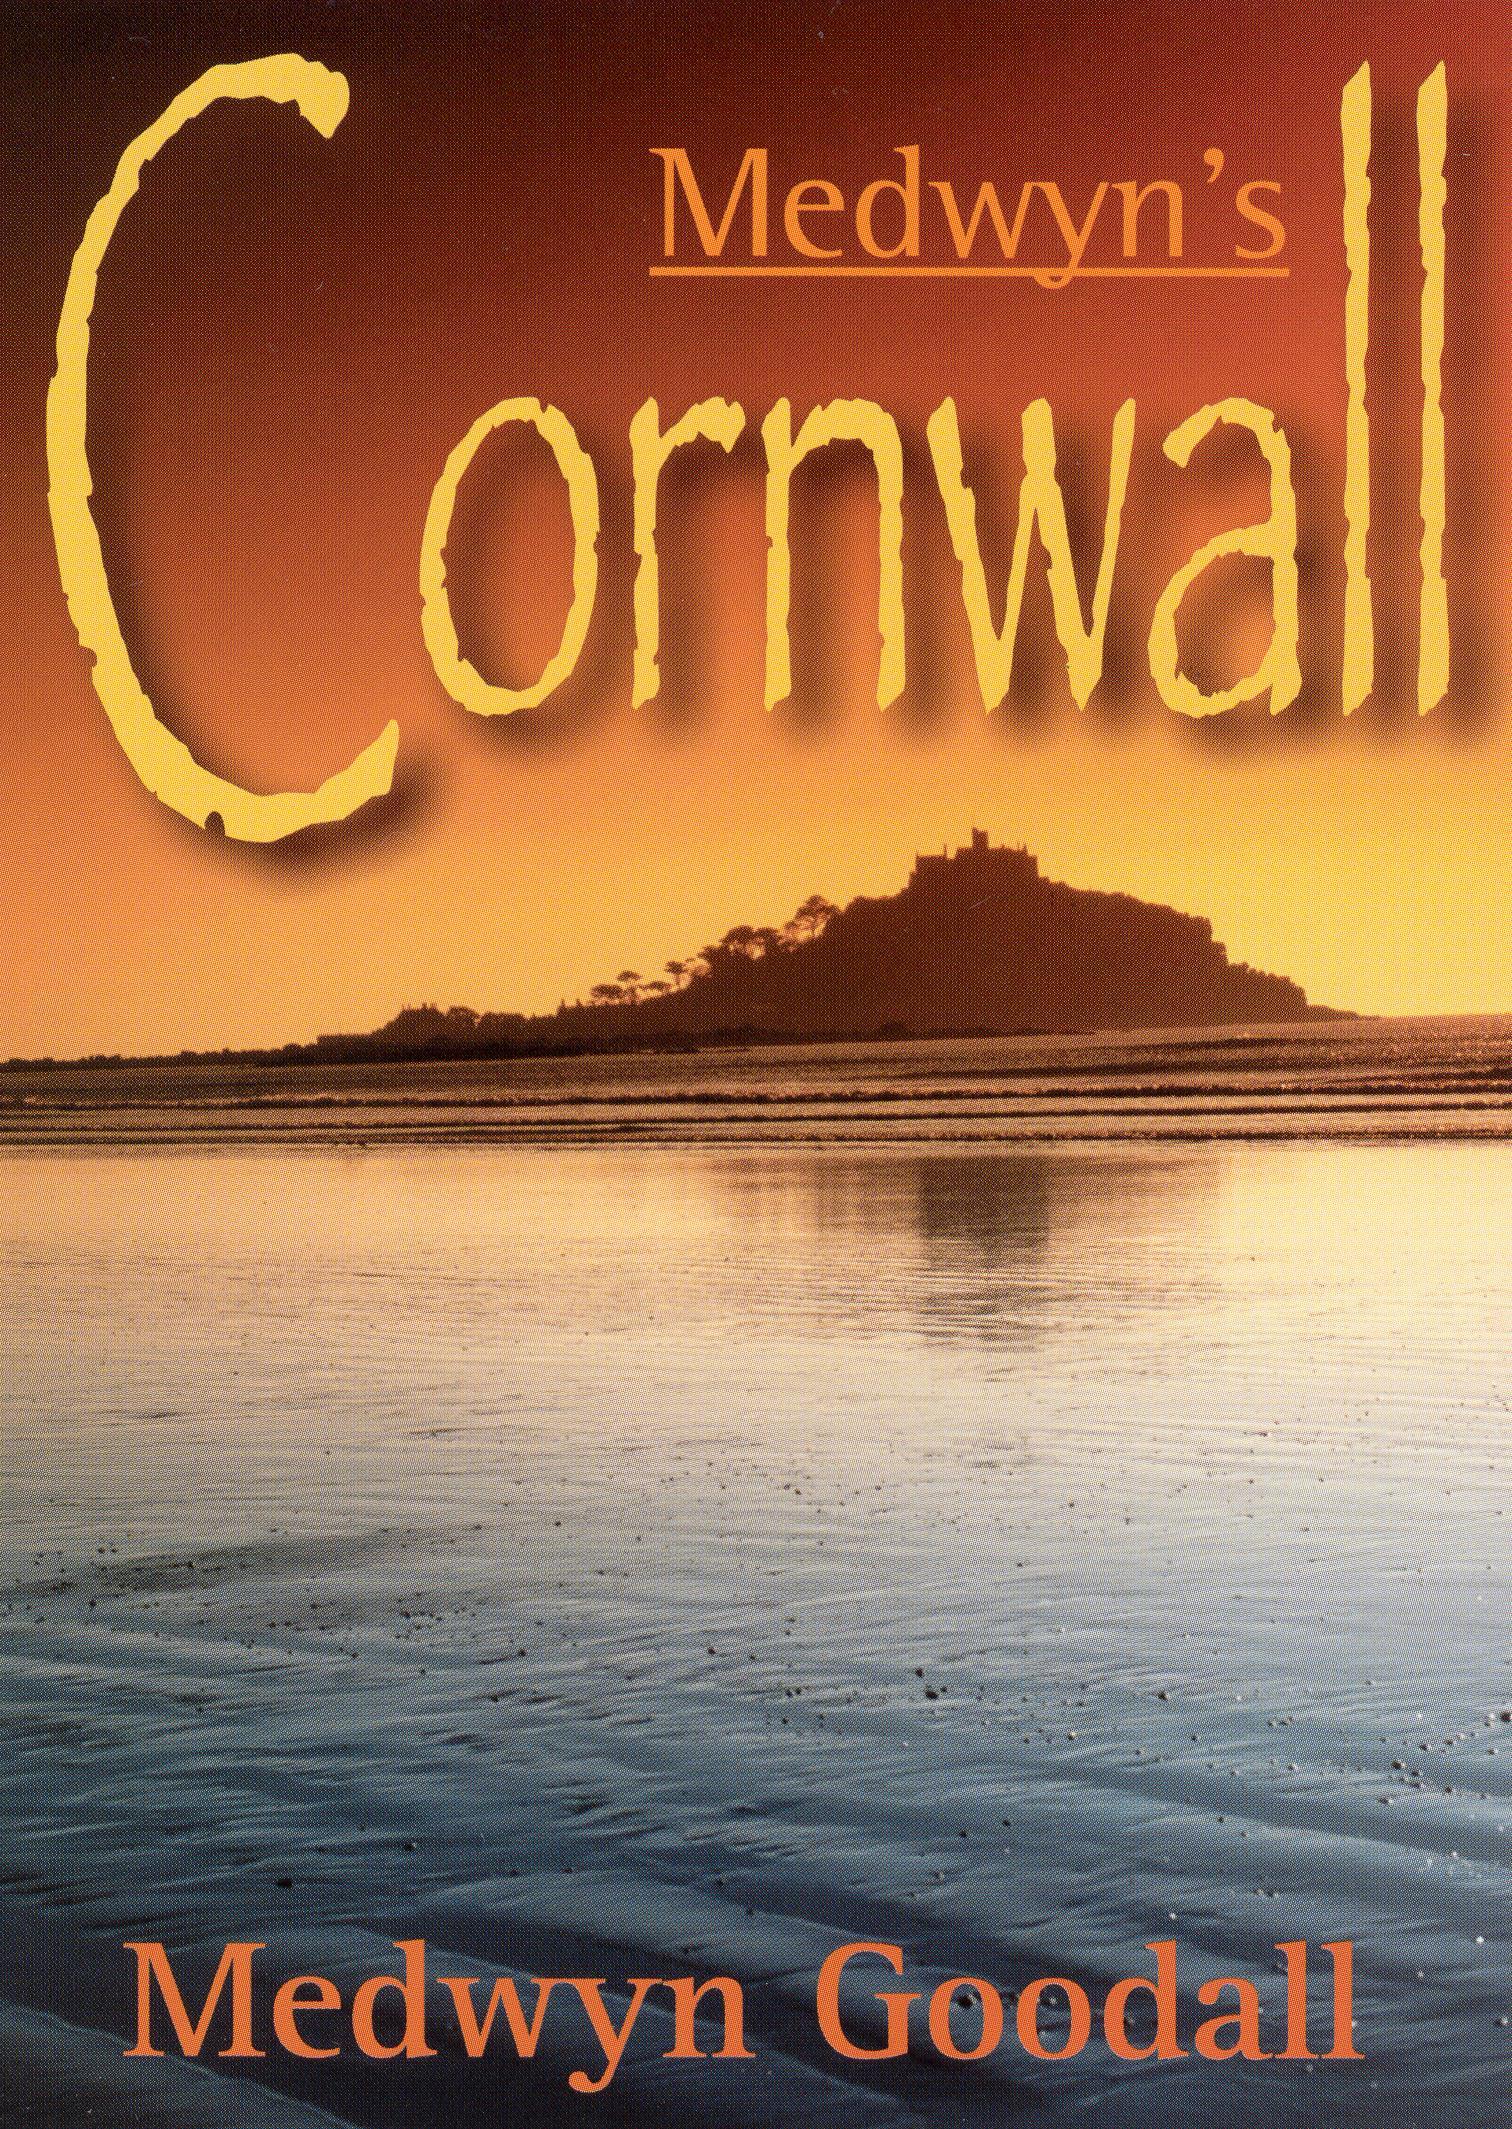 Medwyn Goodall's Cornwall